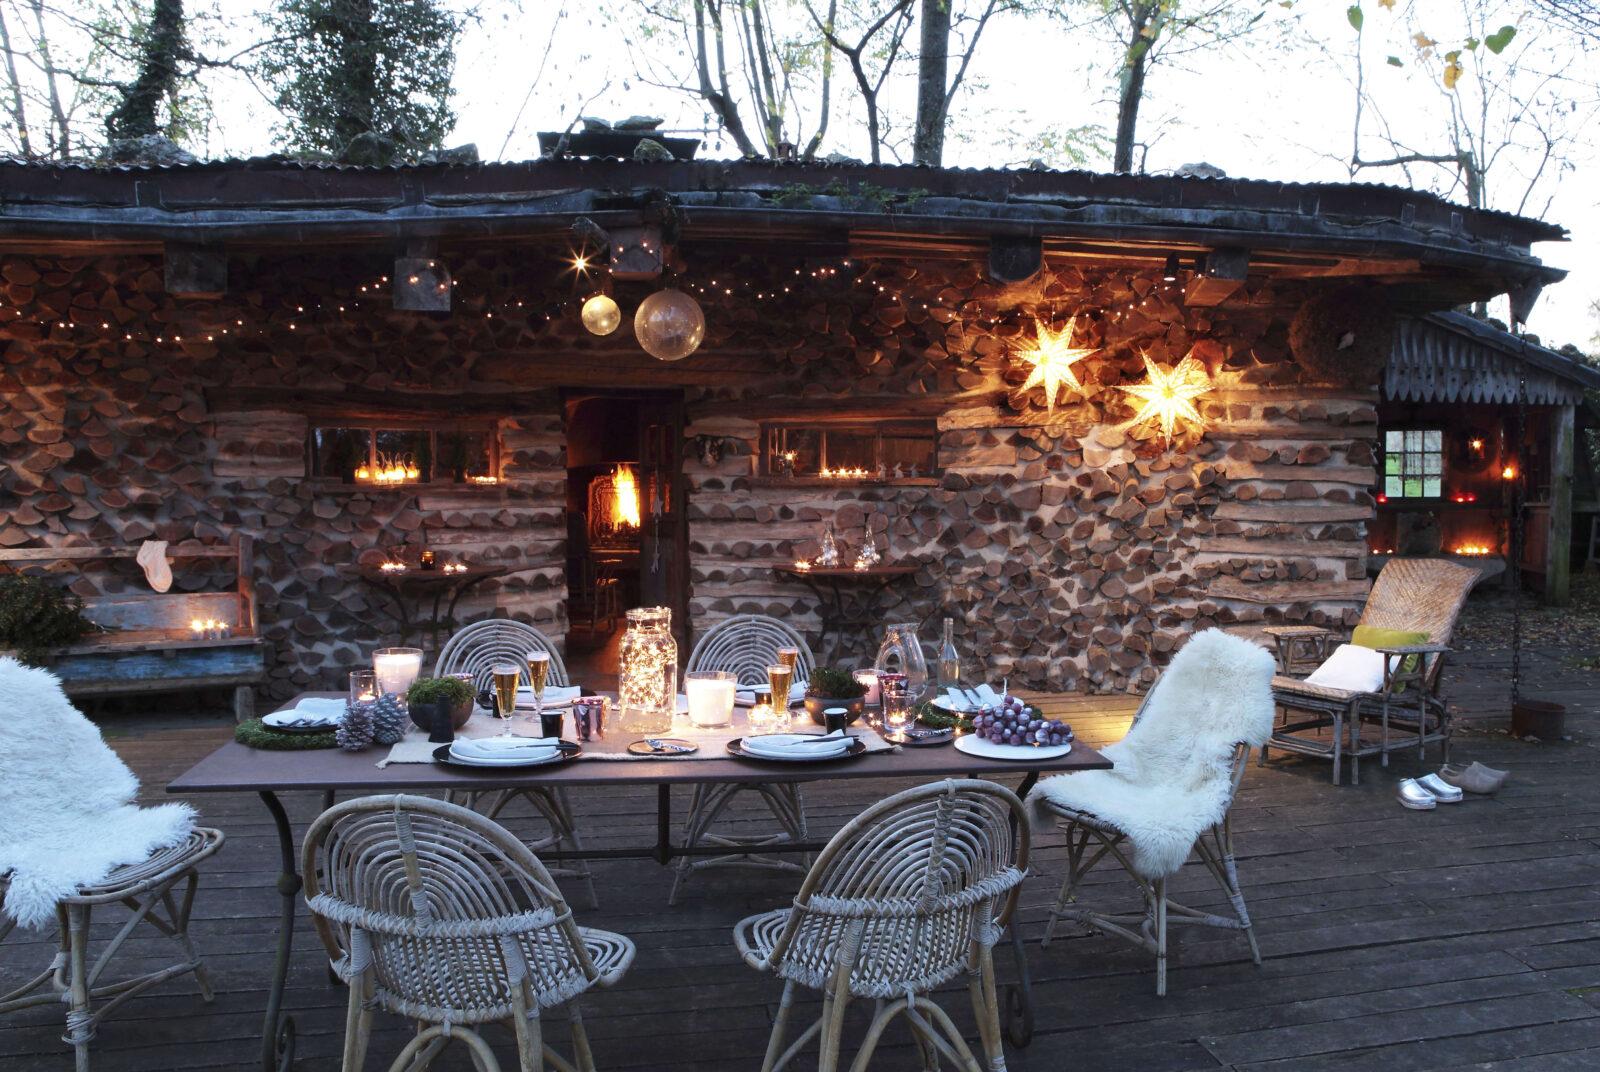 cabane de Noël en bois